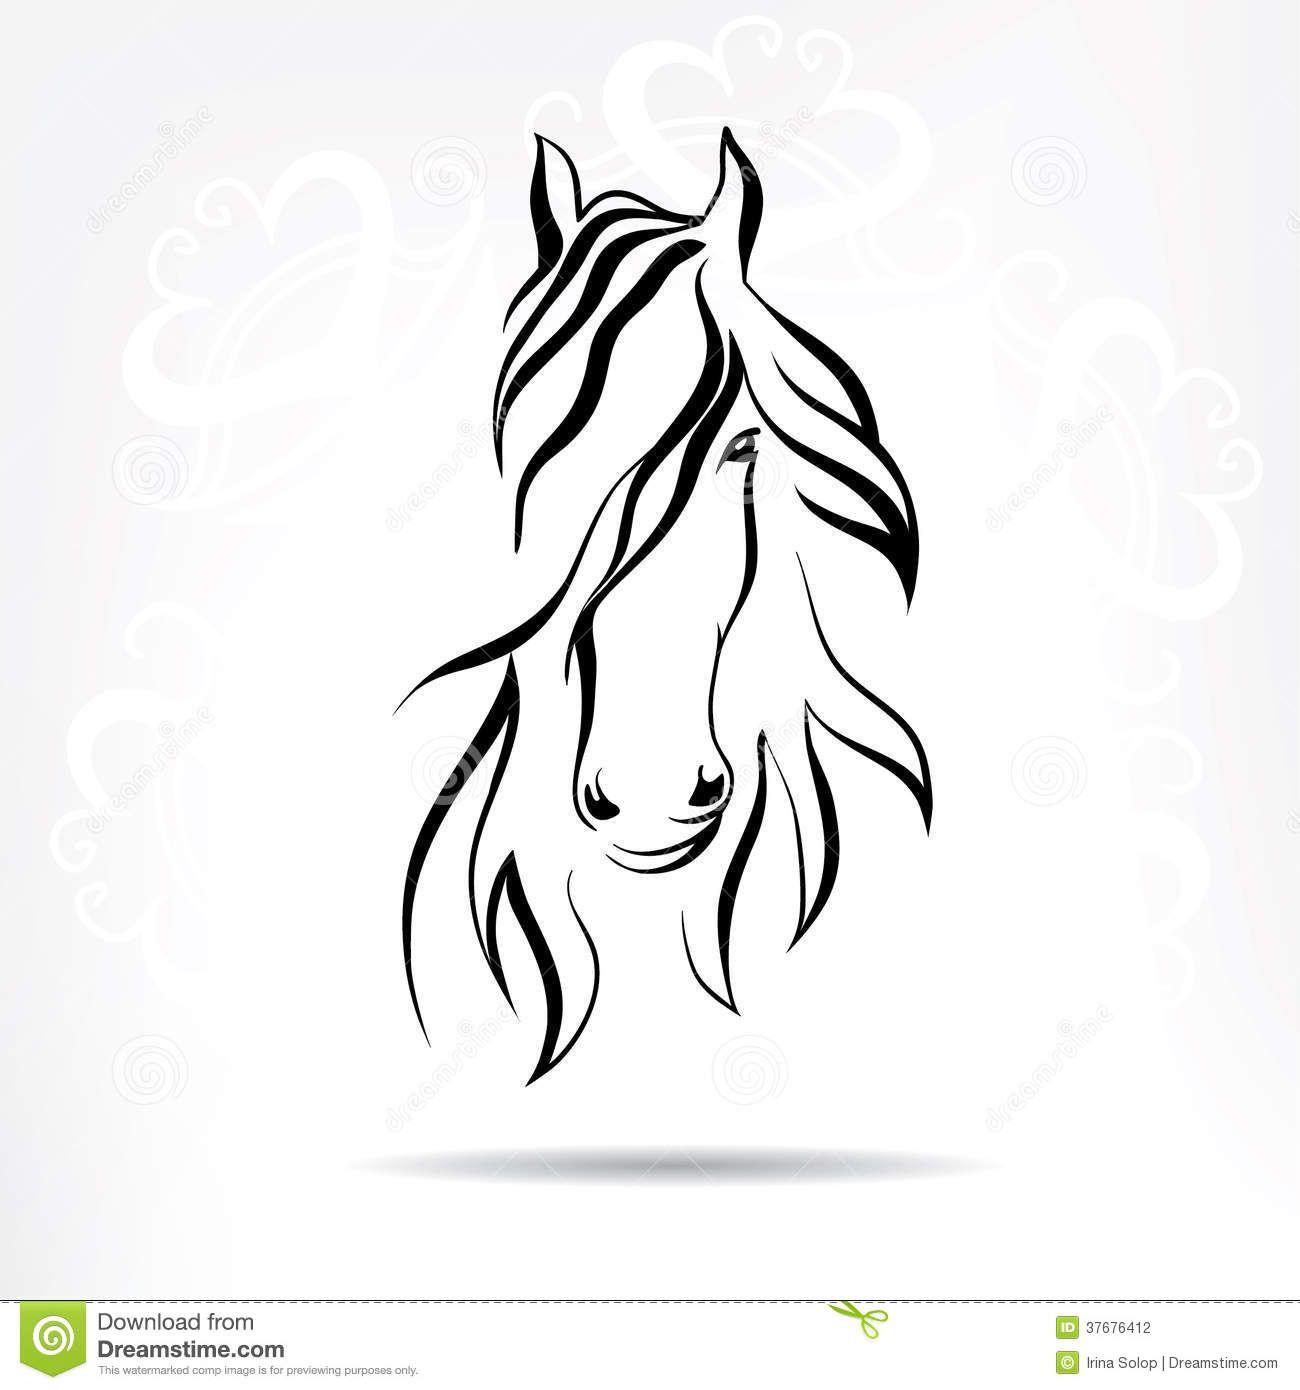 horse head silhouette - Google Search   TATTOO   Pinterest   Pferde ...